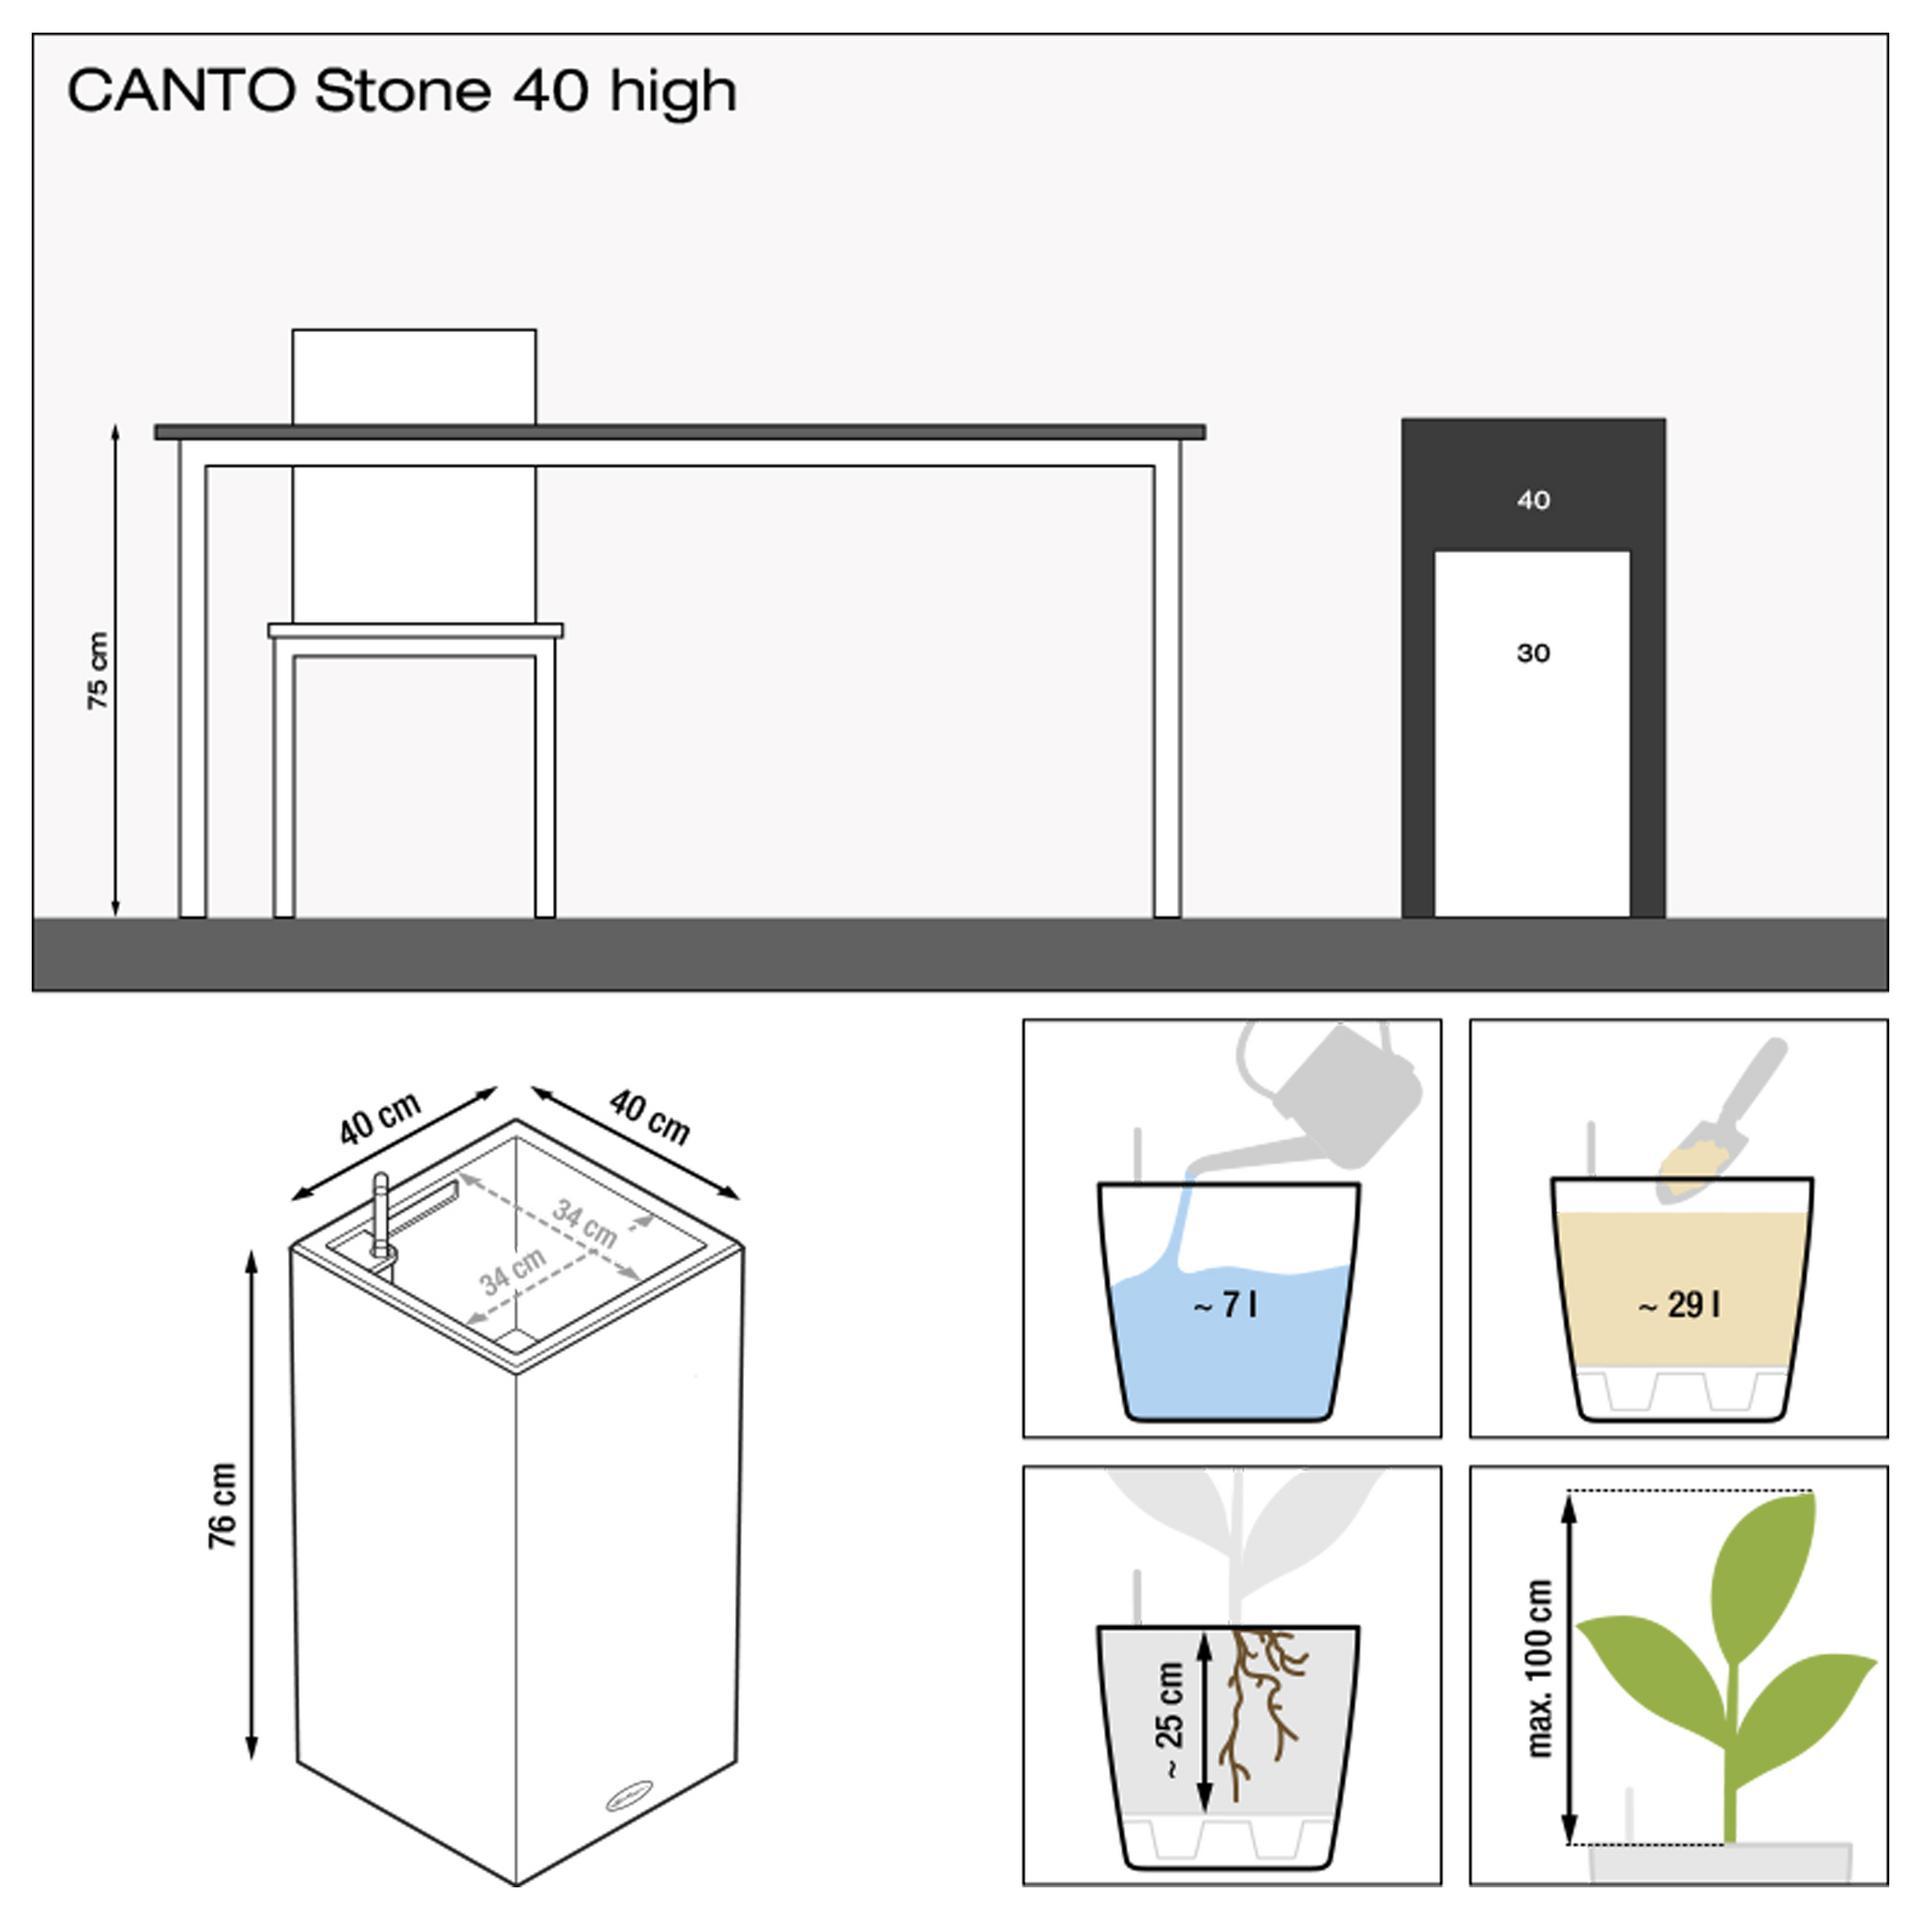 le_canto-stone-saeule40_product_addi_nz